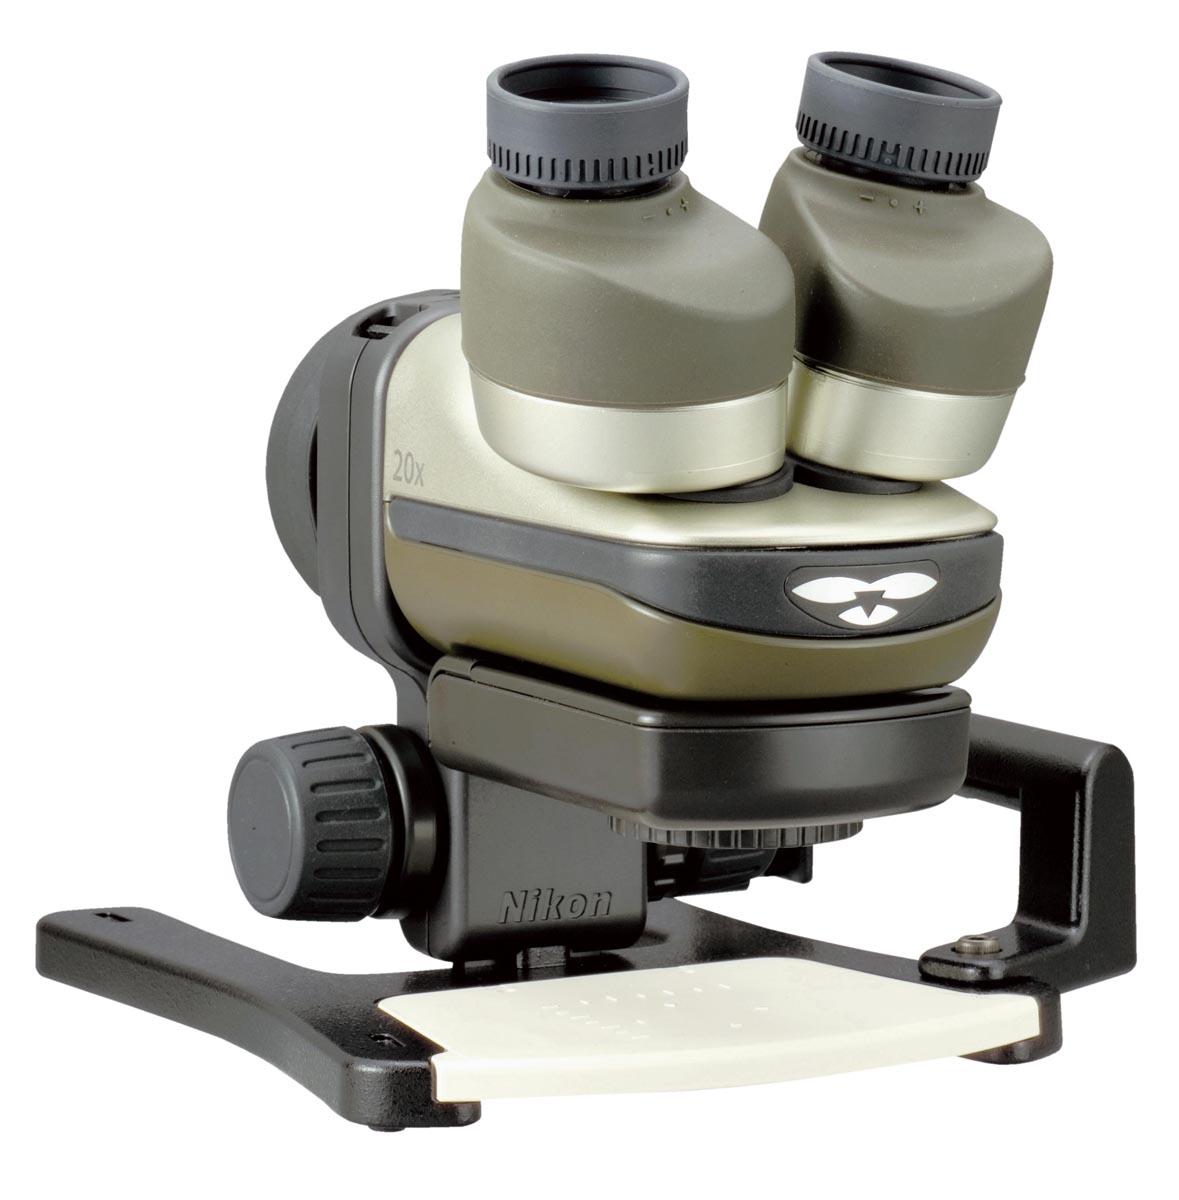 ニコン ニコン小型双眼実体顕微鏡 ファーブルフォトEX